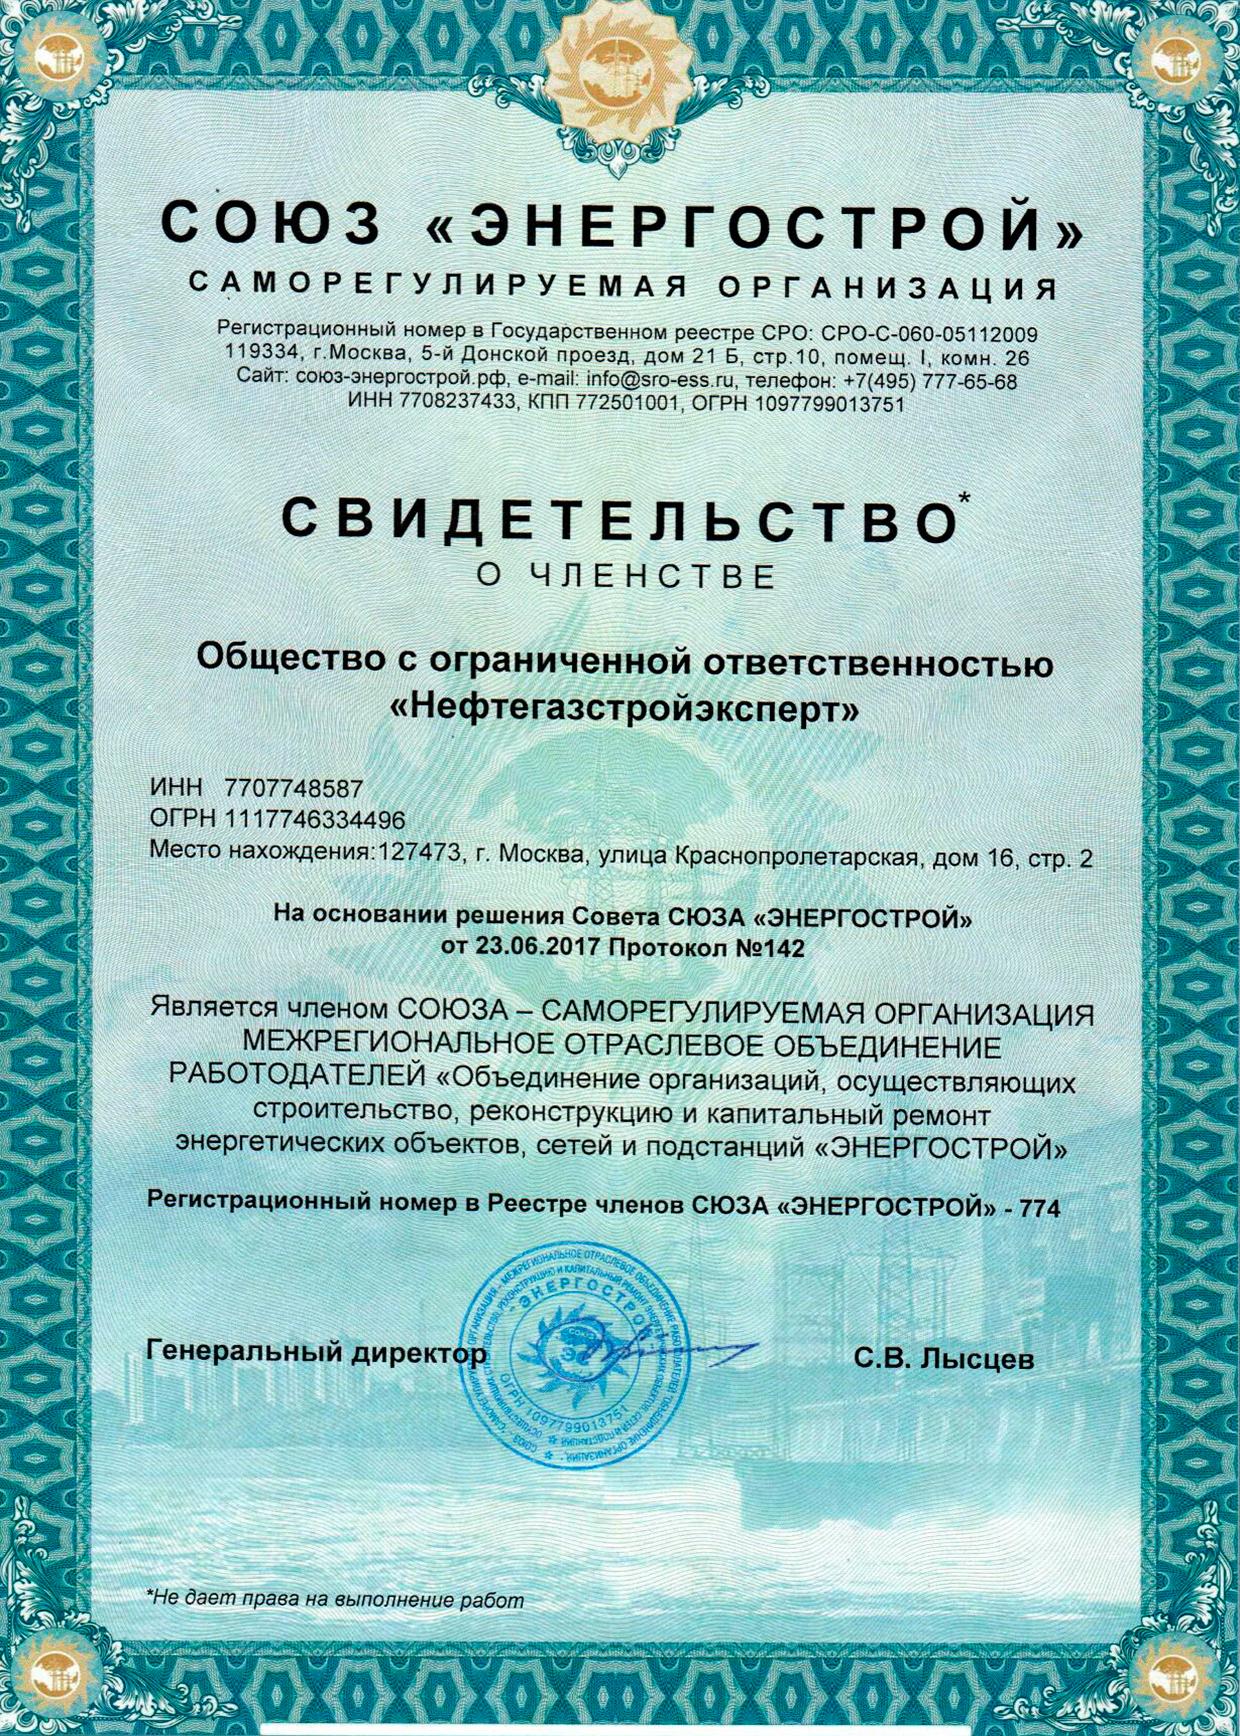 Свидетельство о членстве в СРО СОЮЗ